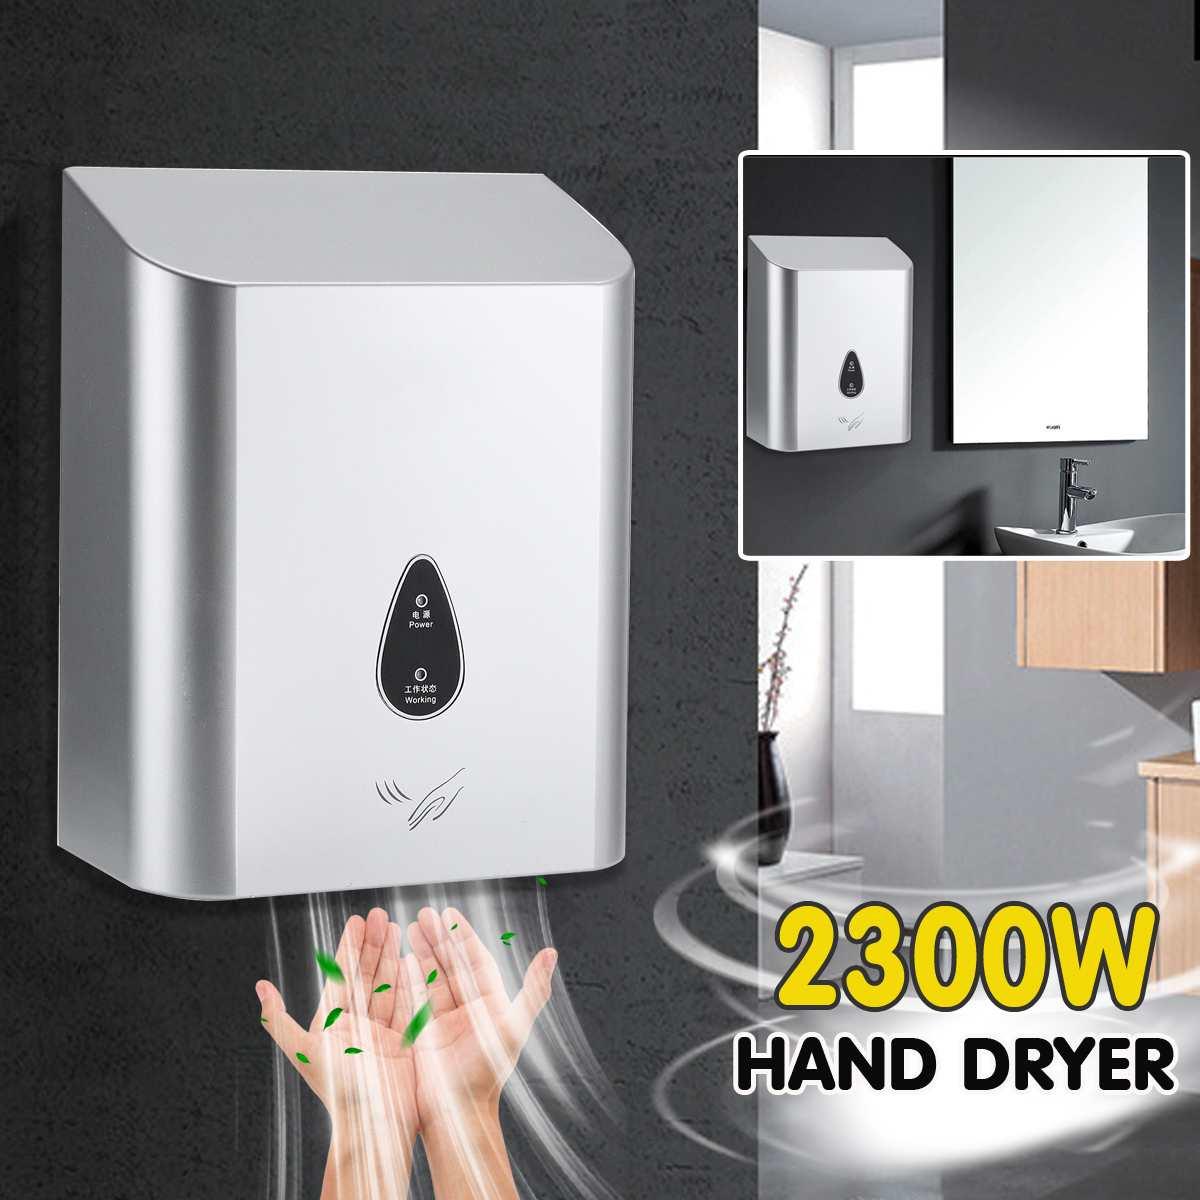 Warmtoo 2500 W 220 V Elétrico de Alta Velocidade Secador de Mão Mão-de Dispositivo para secar as mãos Indução Totalmente Automático Banho de Ar Quente vento do Ventilador